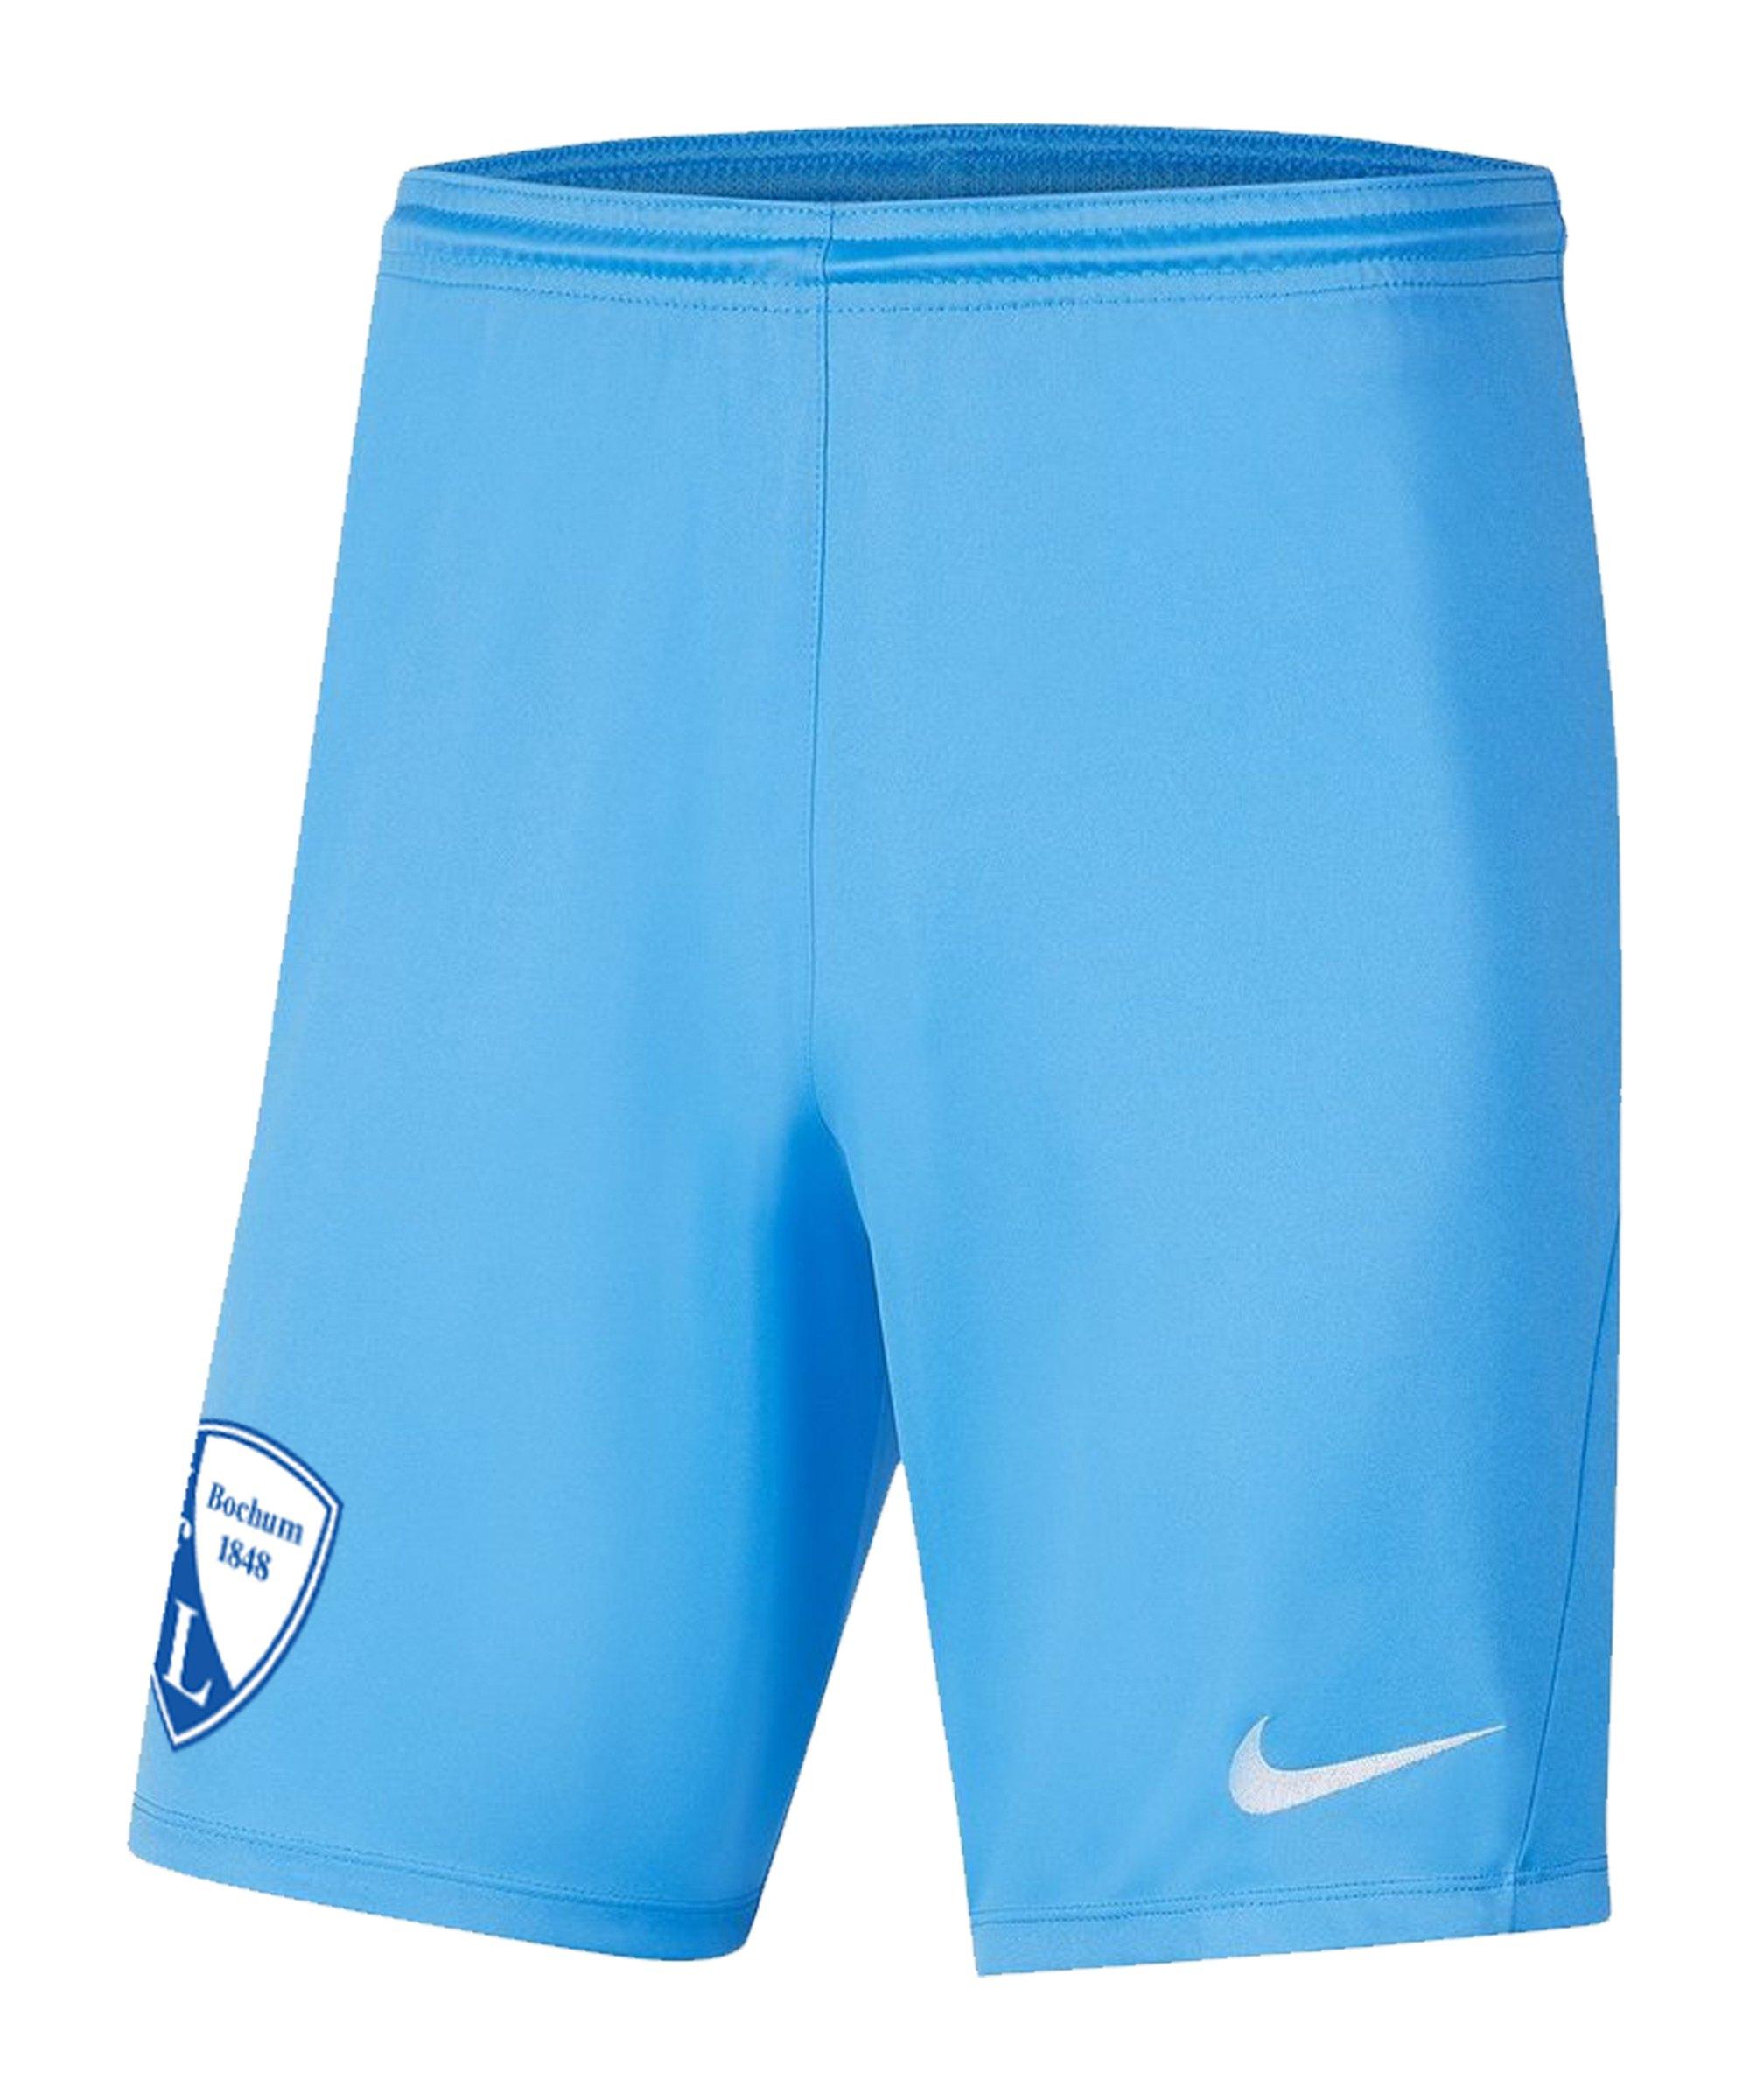 Nike VfL Bochum Short Away 20/21 Blau F412 - blau